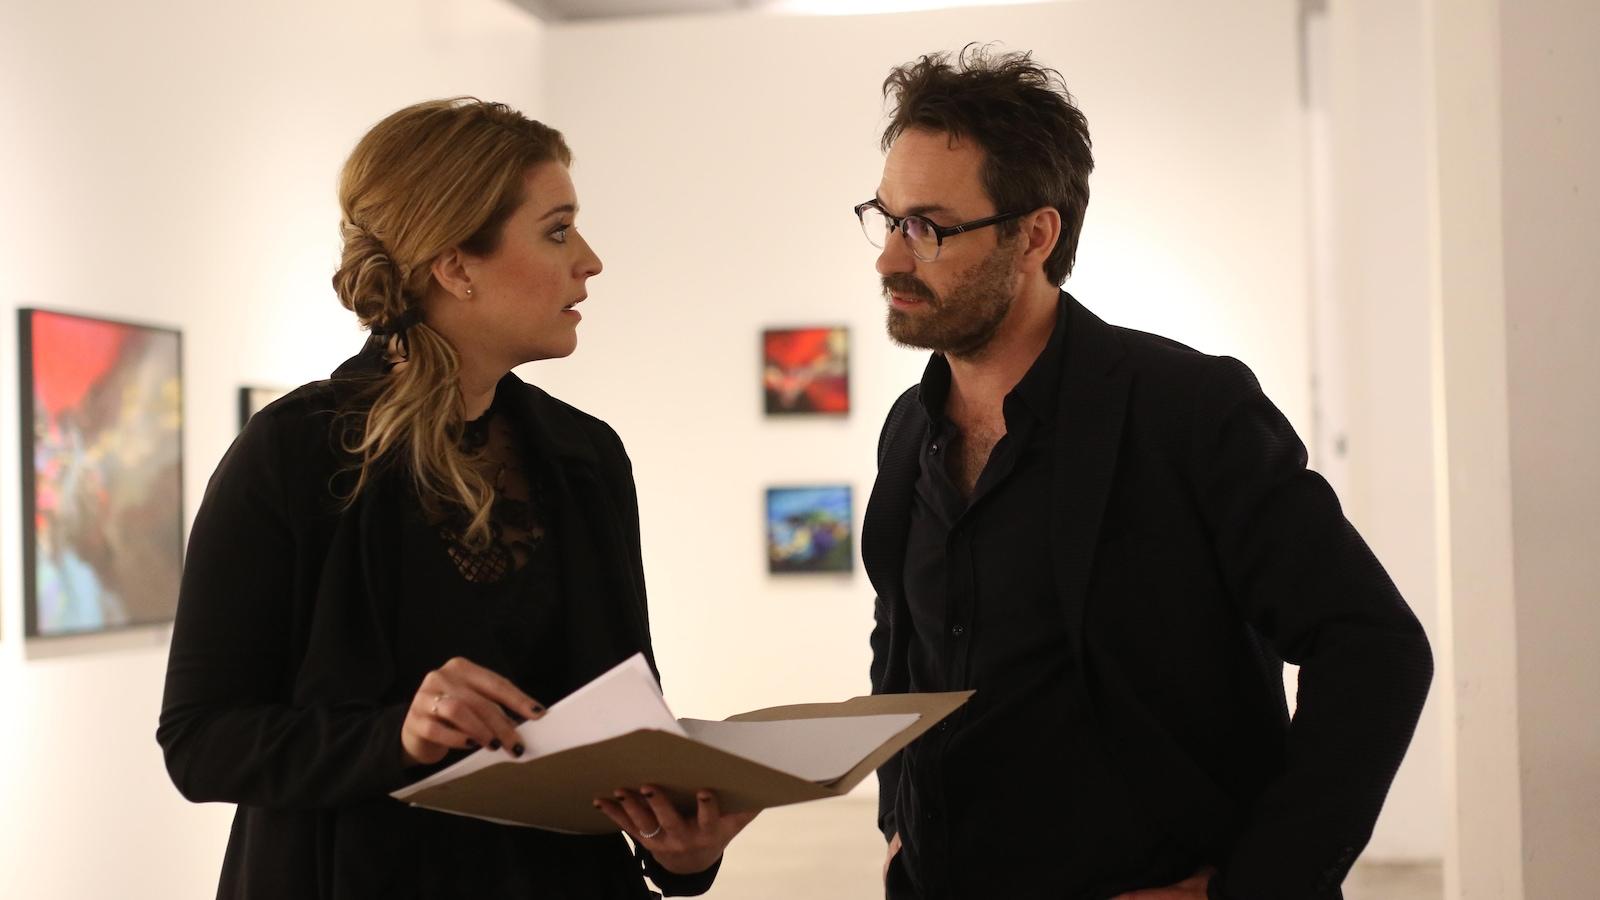 Une femme discute avec un homme dans une galerie d'art.